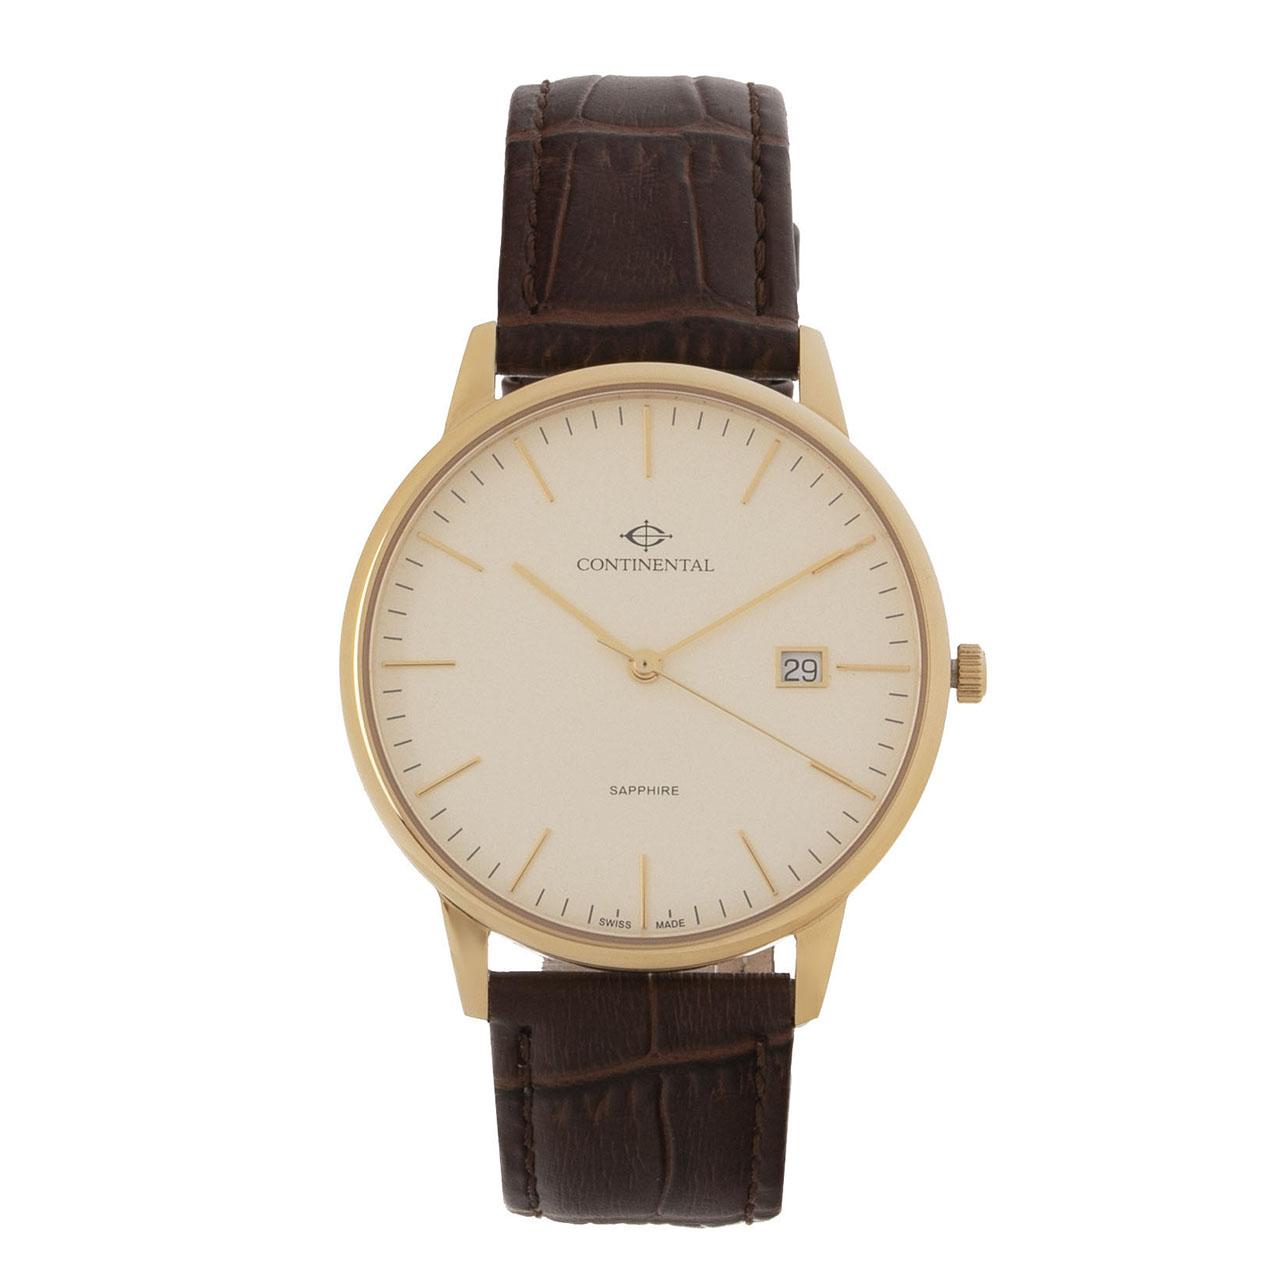 ساعت مچی عقربه ای مردانه کنتیننتال مدل 17203-G156 40